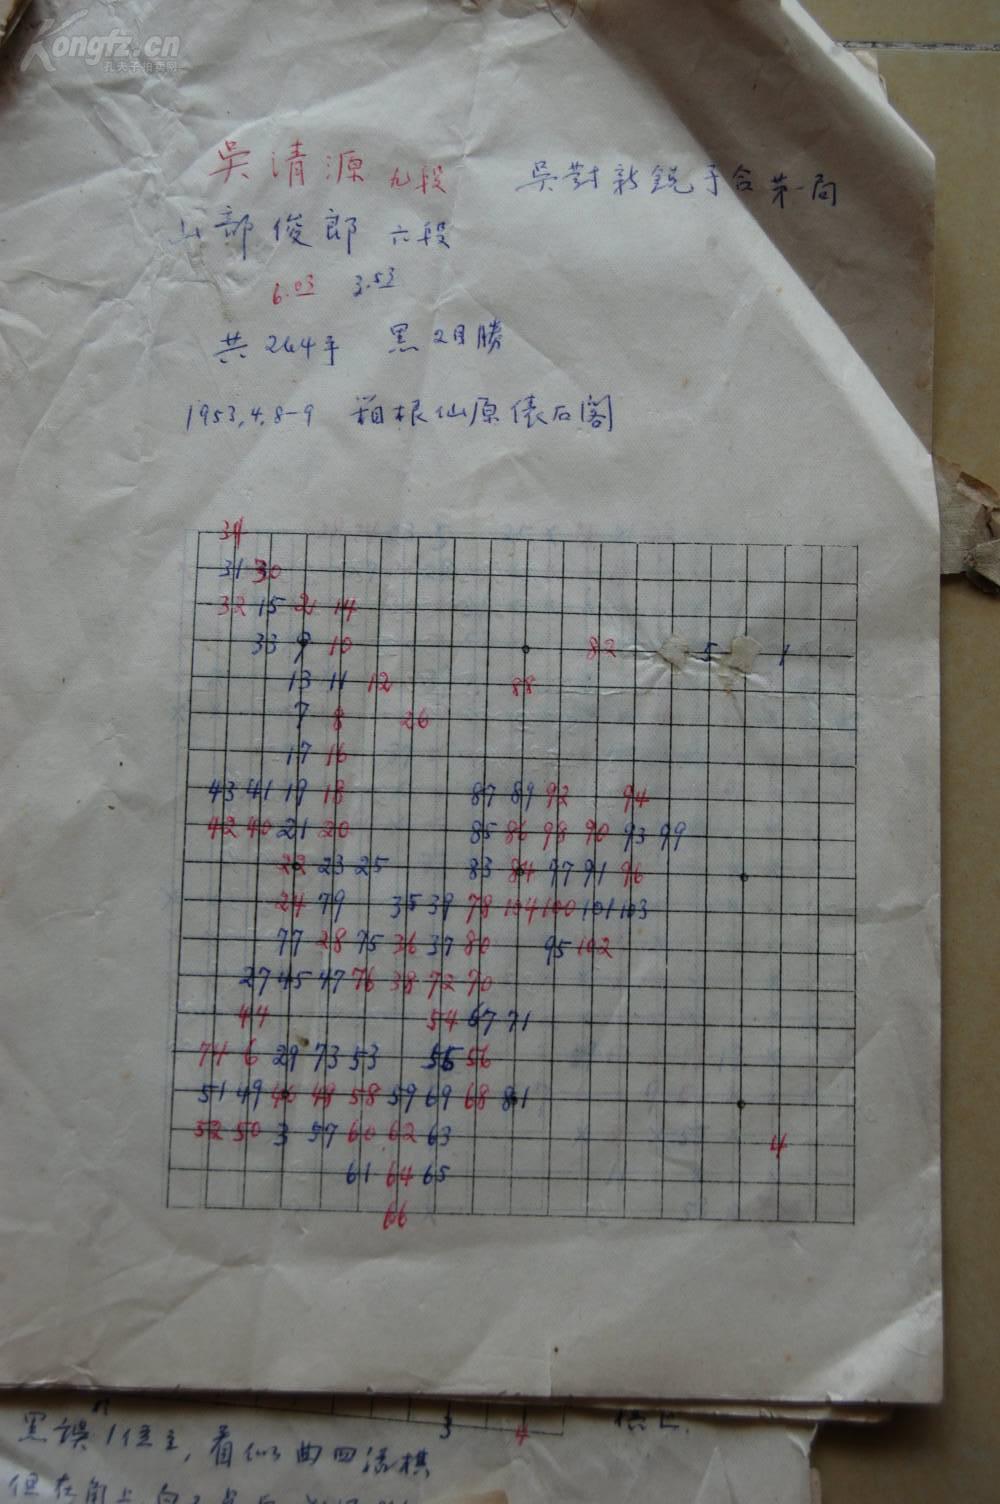 围棋棋谱手稿一沓20页图片